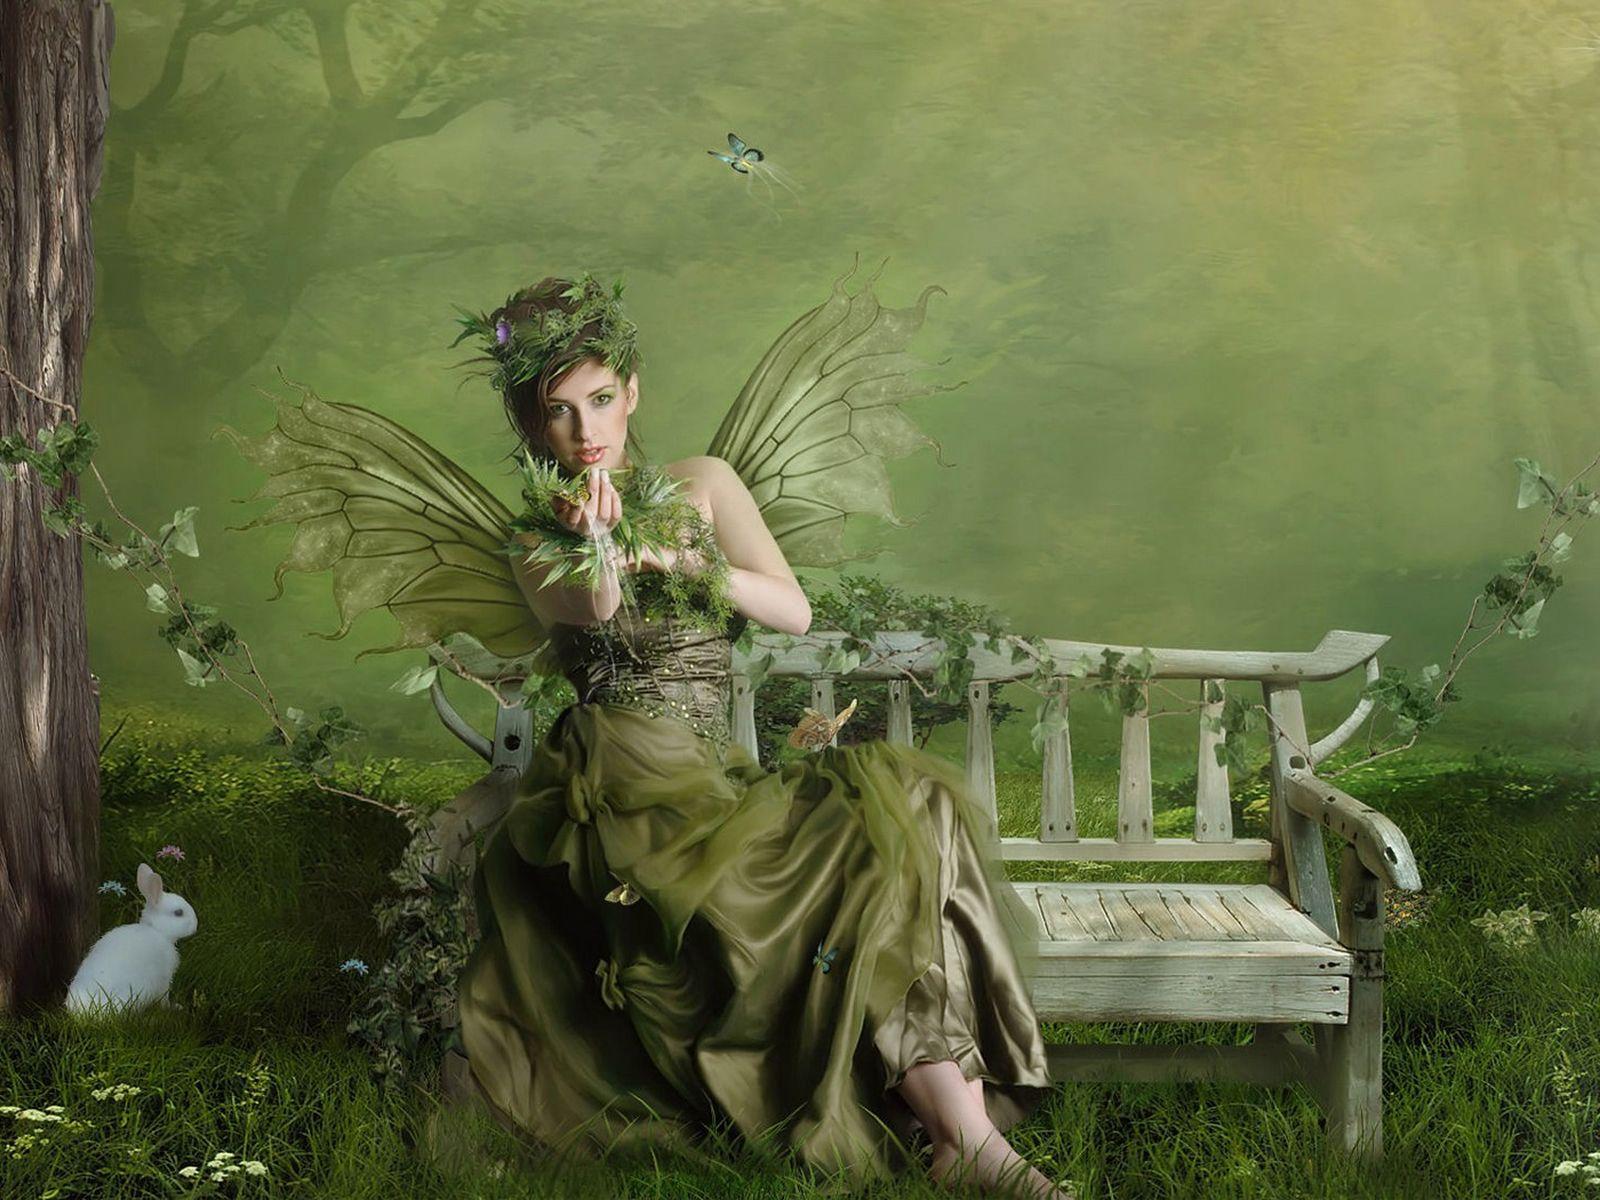 зеленая девушка, эльф, рисунок, фея, скачать фото